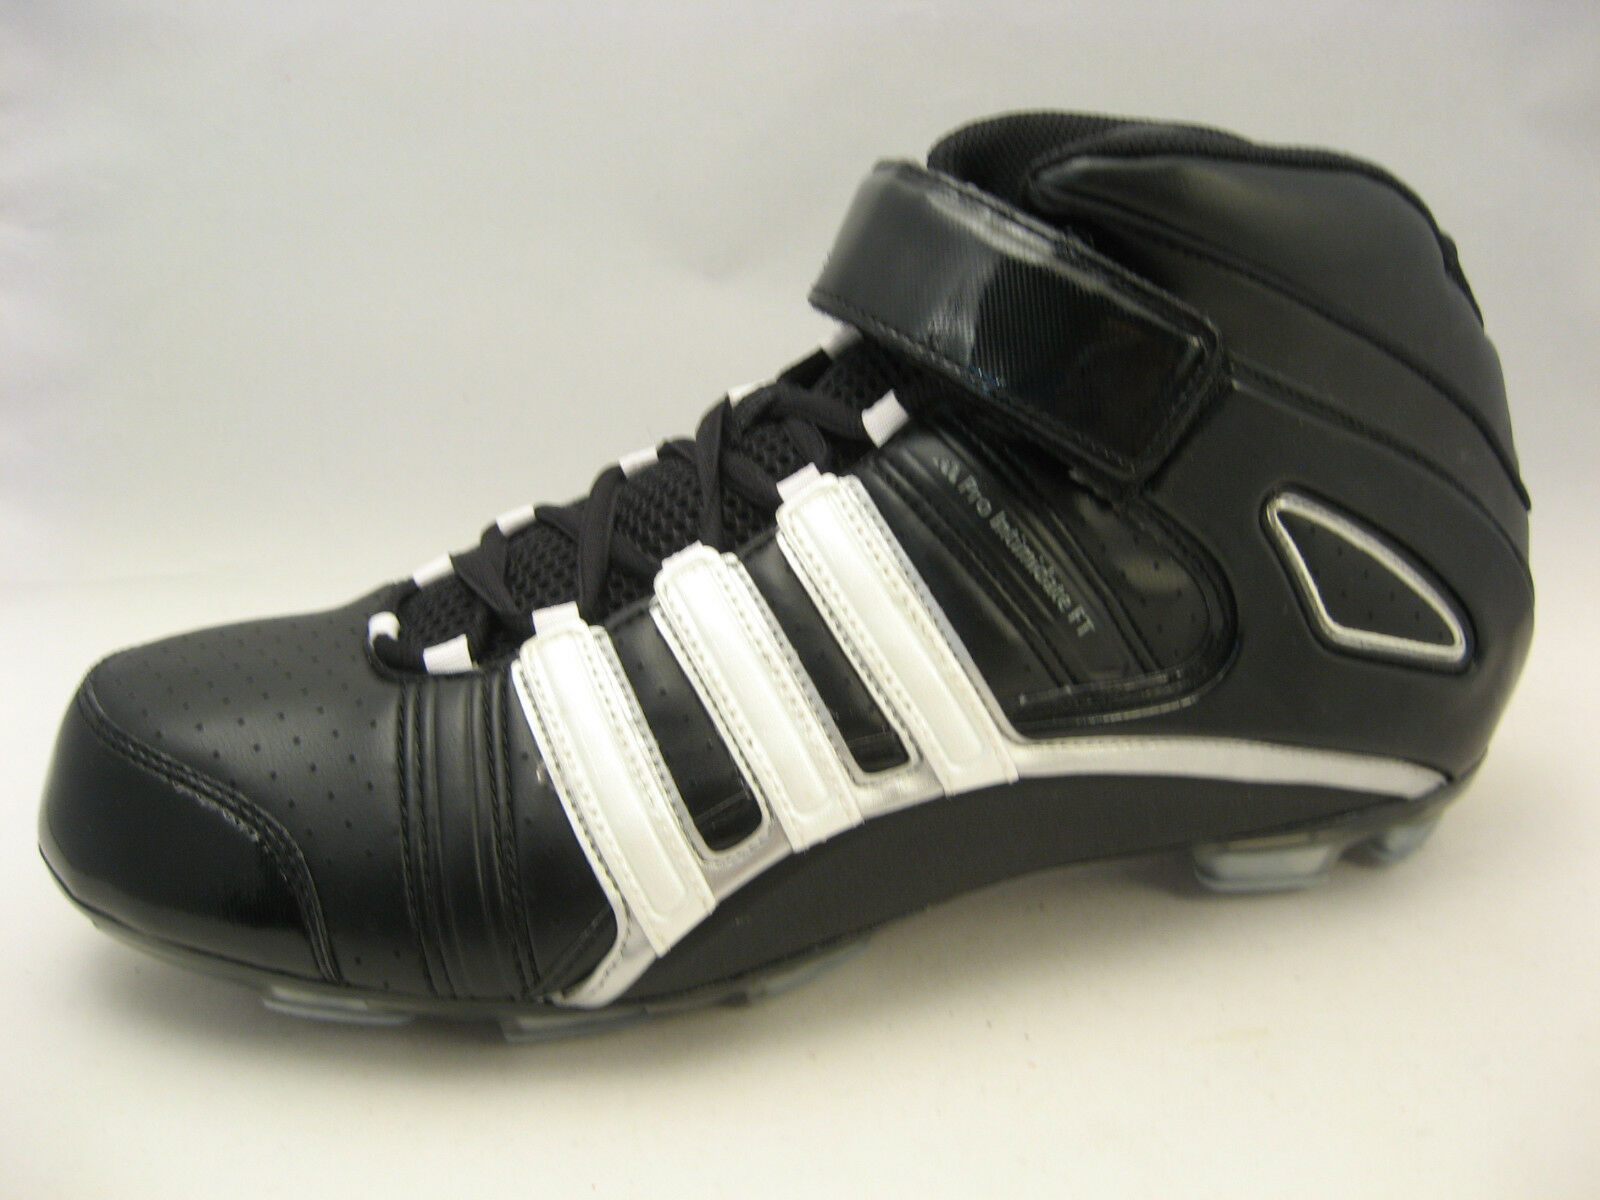 Adidas Pro Intimidate 2 FT Mid Mid Mid Field Turf Football Cleats 16 Medium Black White 1ed512